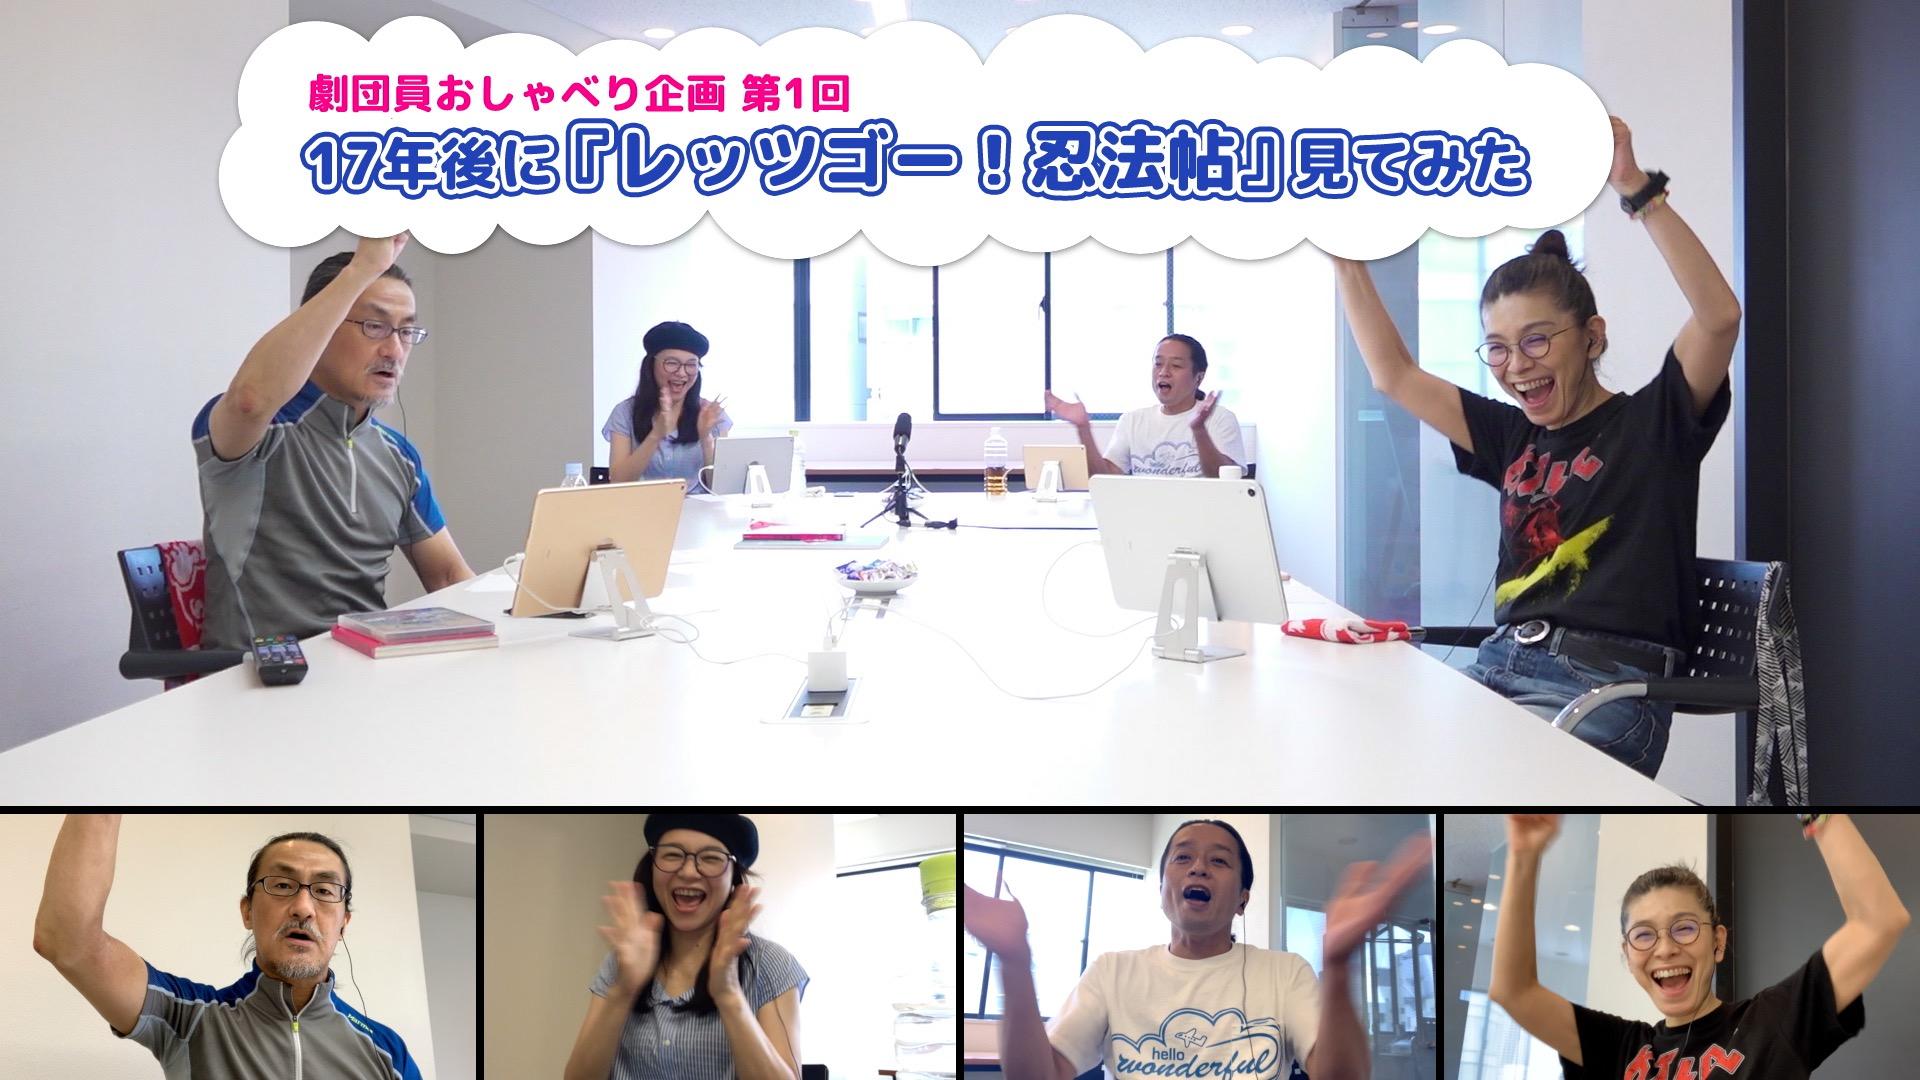 『劇団員おしゃべり企画』高田聖子、粟根まこと、河野まさと、中谷さとみ